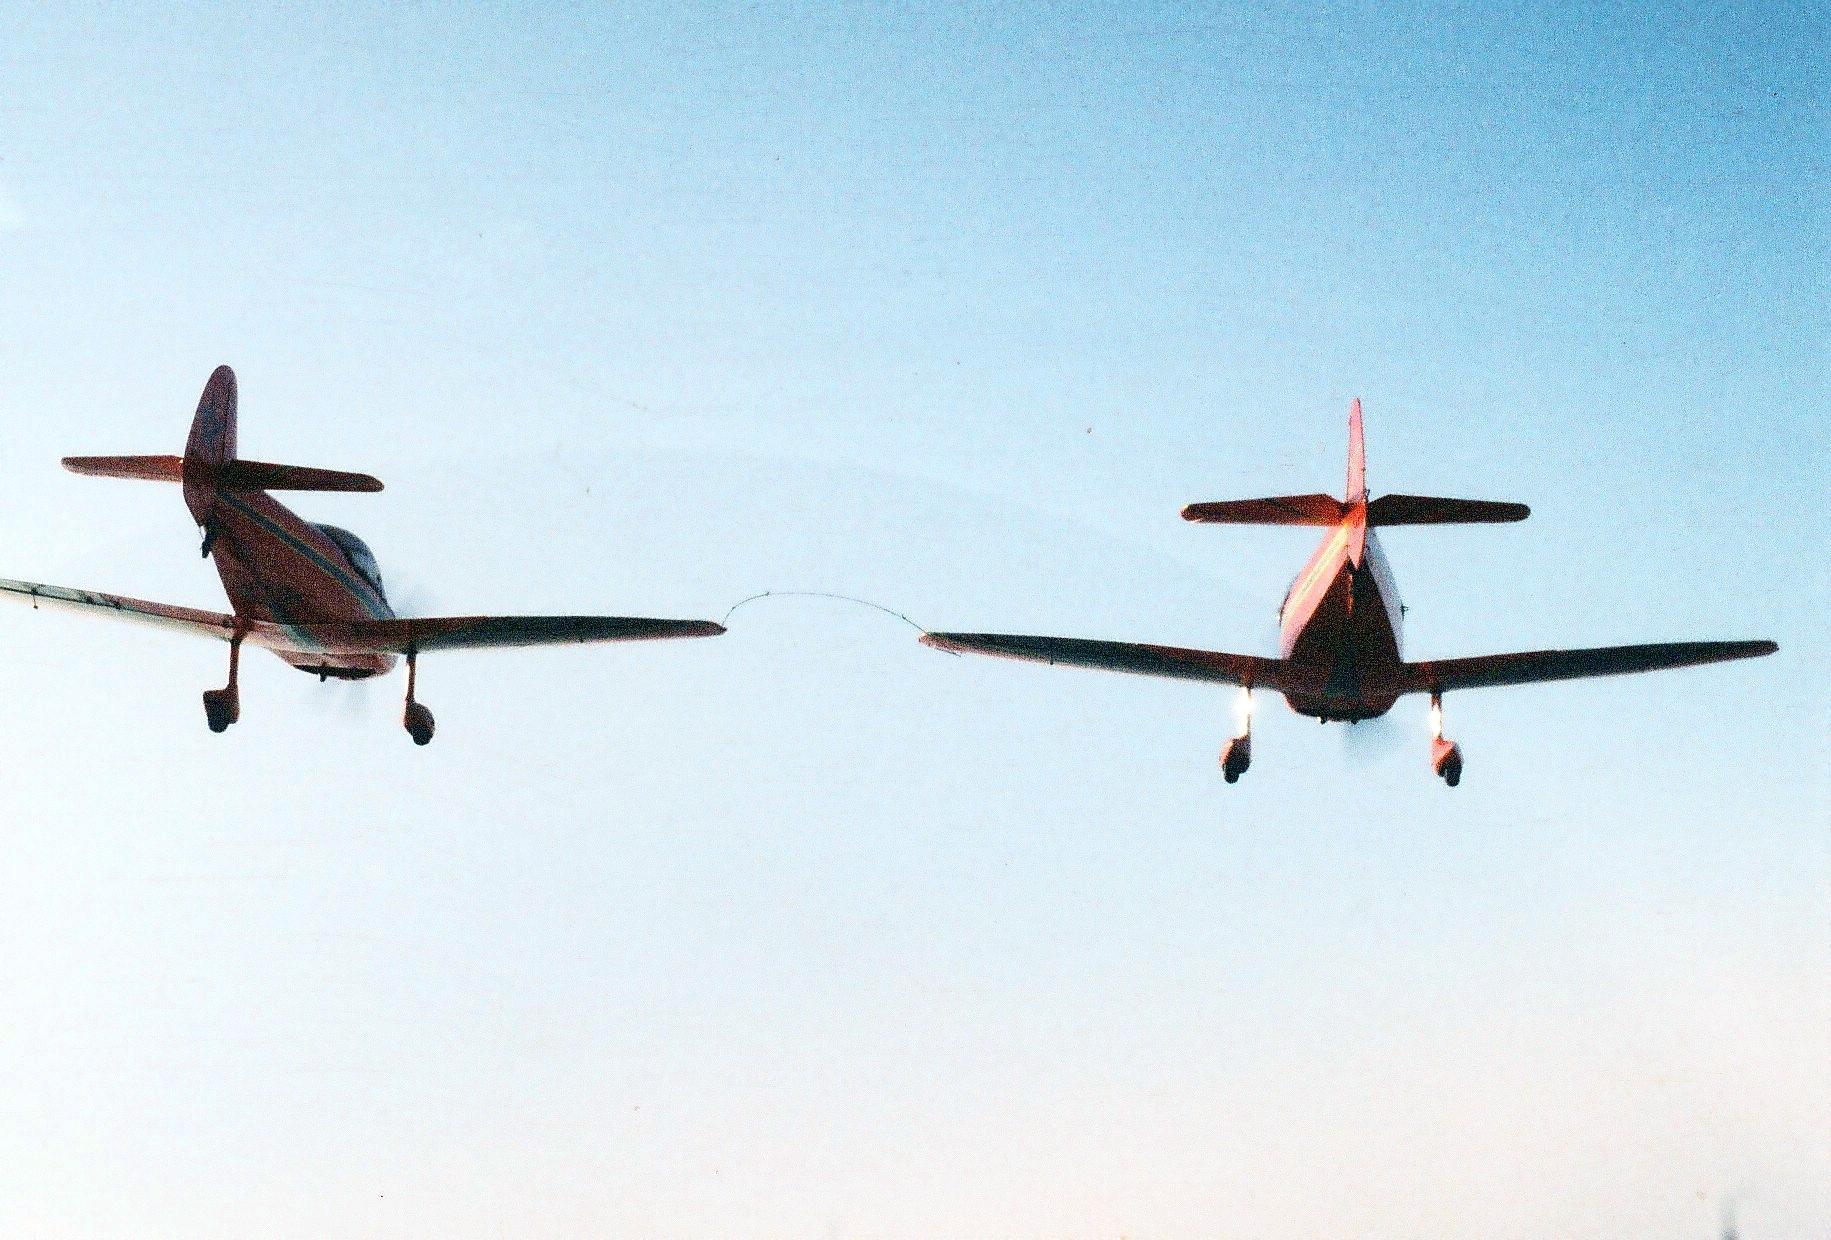 la patrouille acrobatique : la marche verte - Page 8 151005043035769008